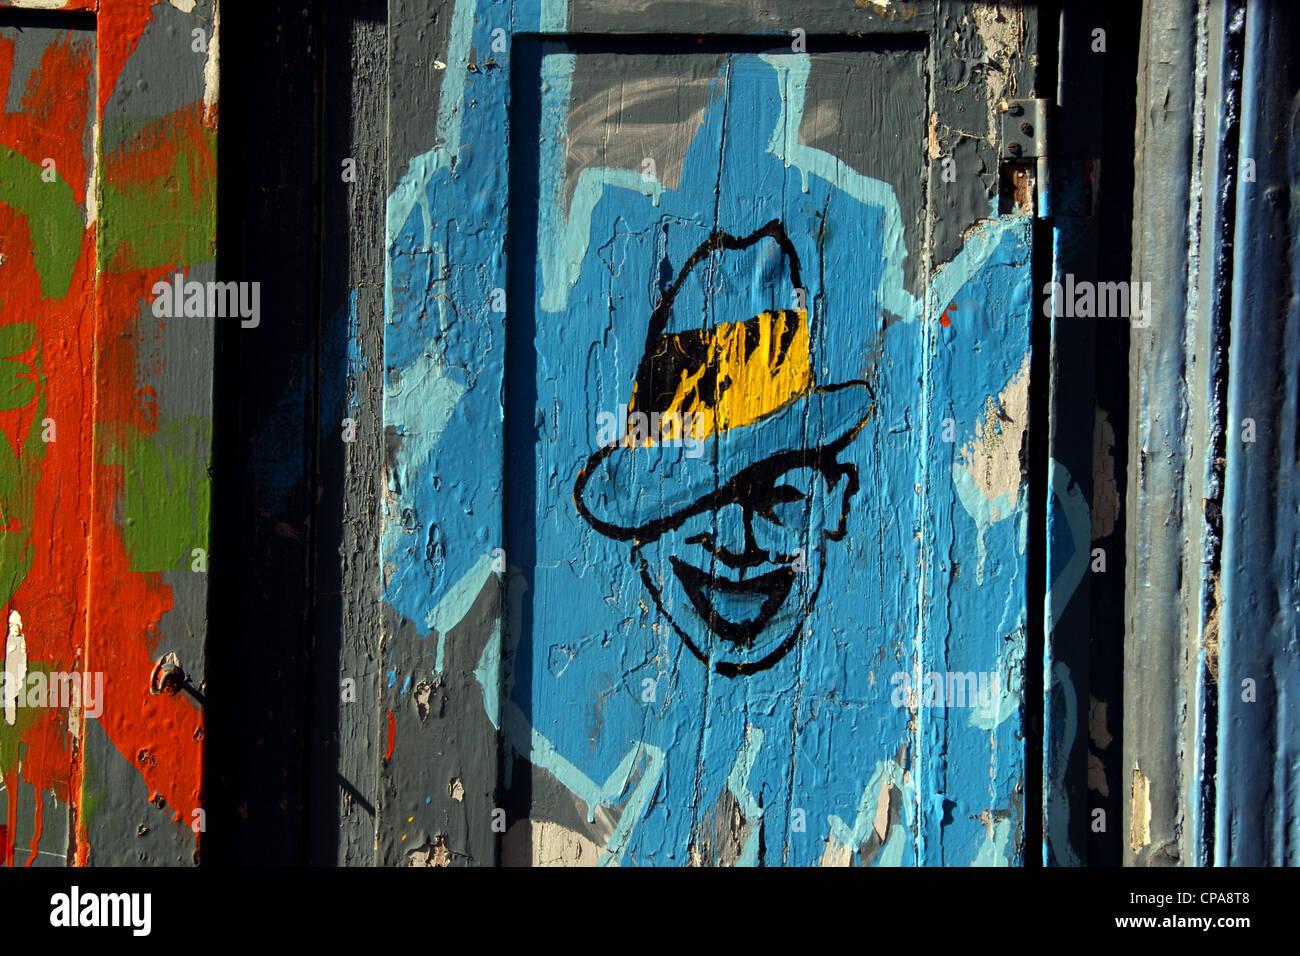 Streetart von Carlos Gardel, Sänger, Songwriter und Schauspieler, vielleicht die prominenteste Figur in der Stockbild